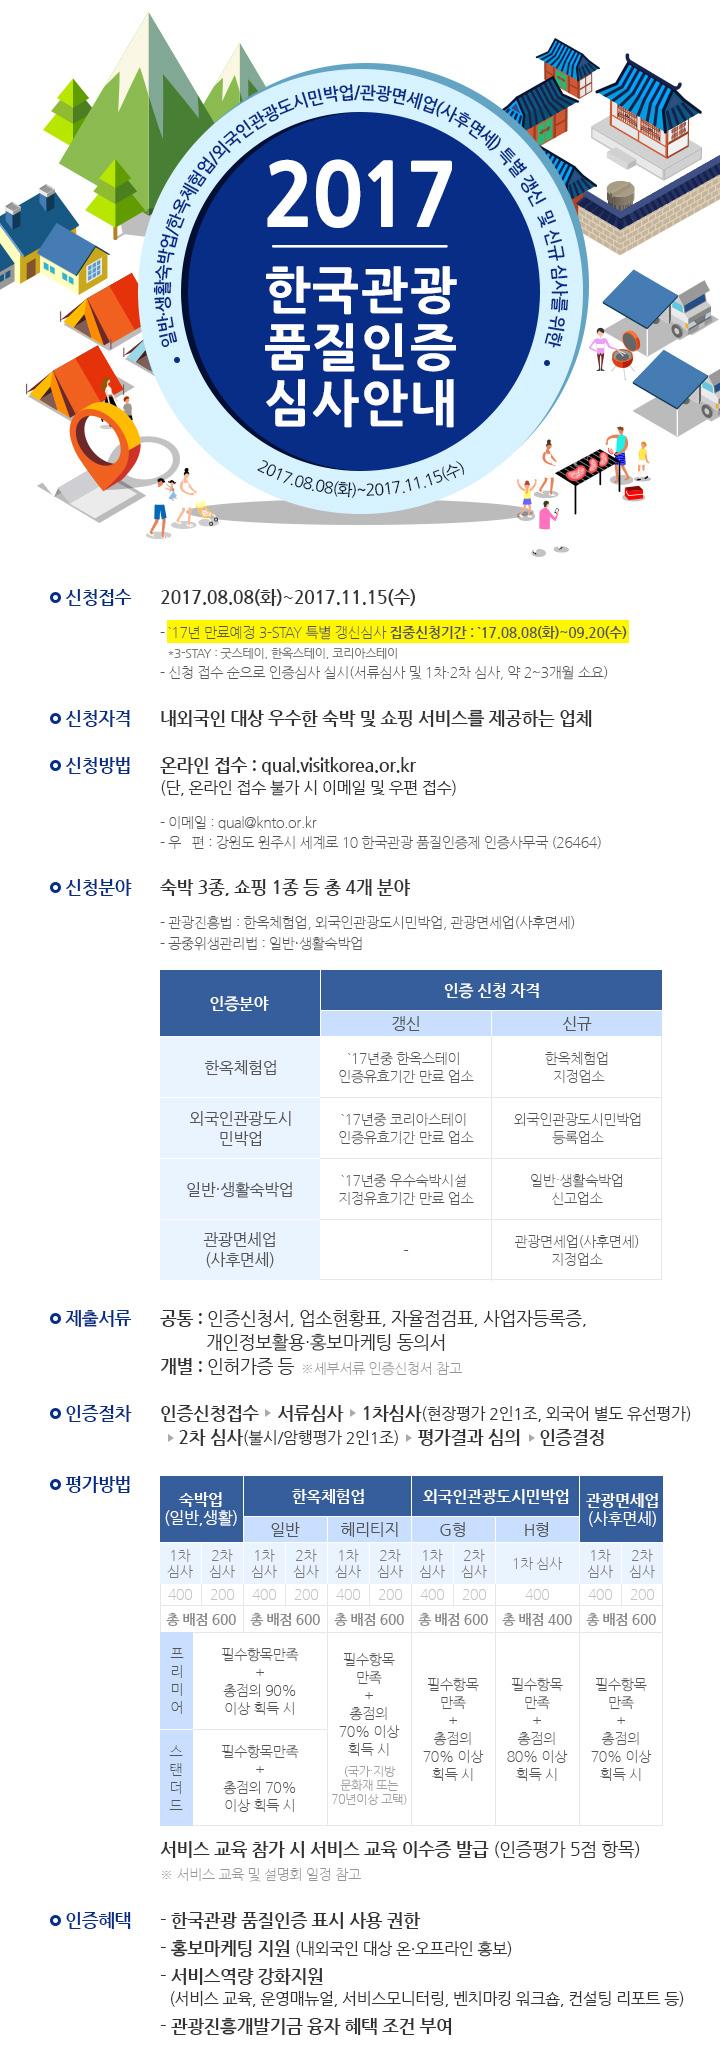 2017 한국관광품질인증 심사 안내